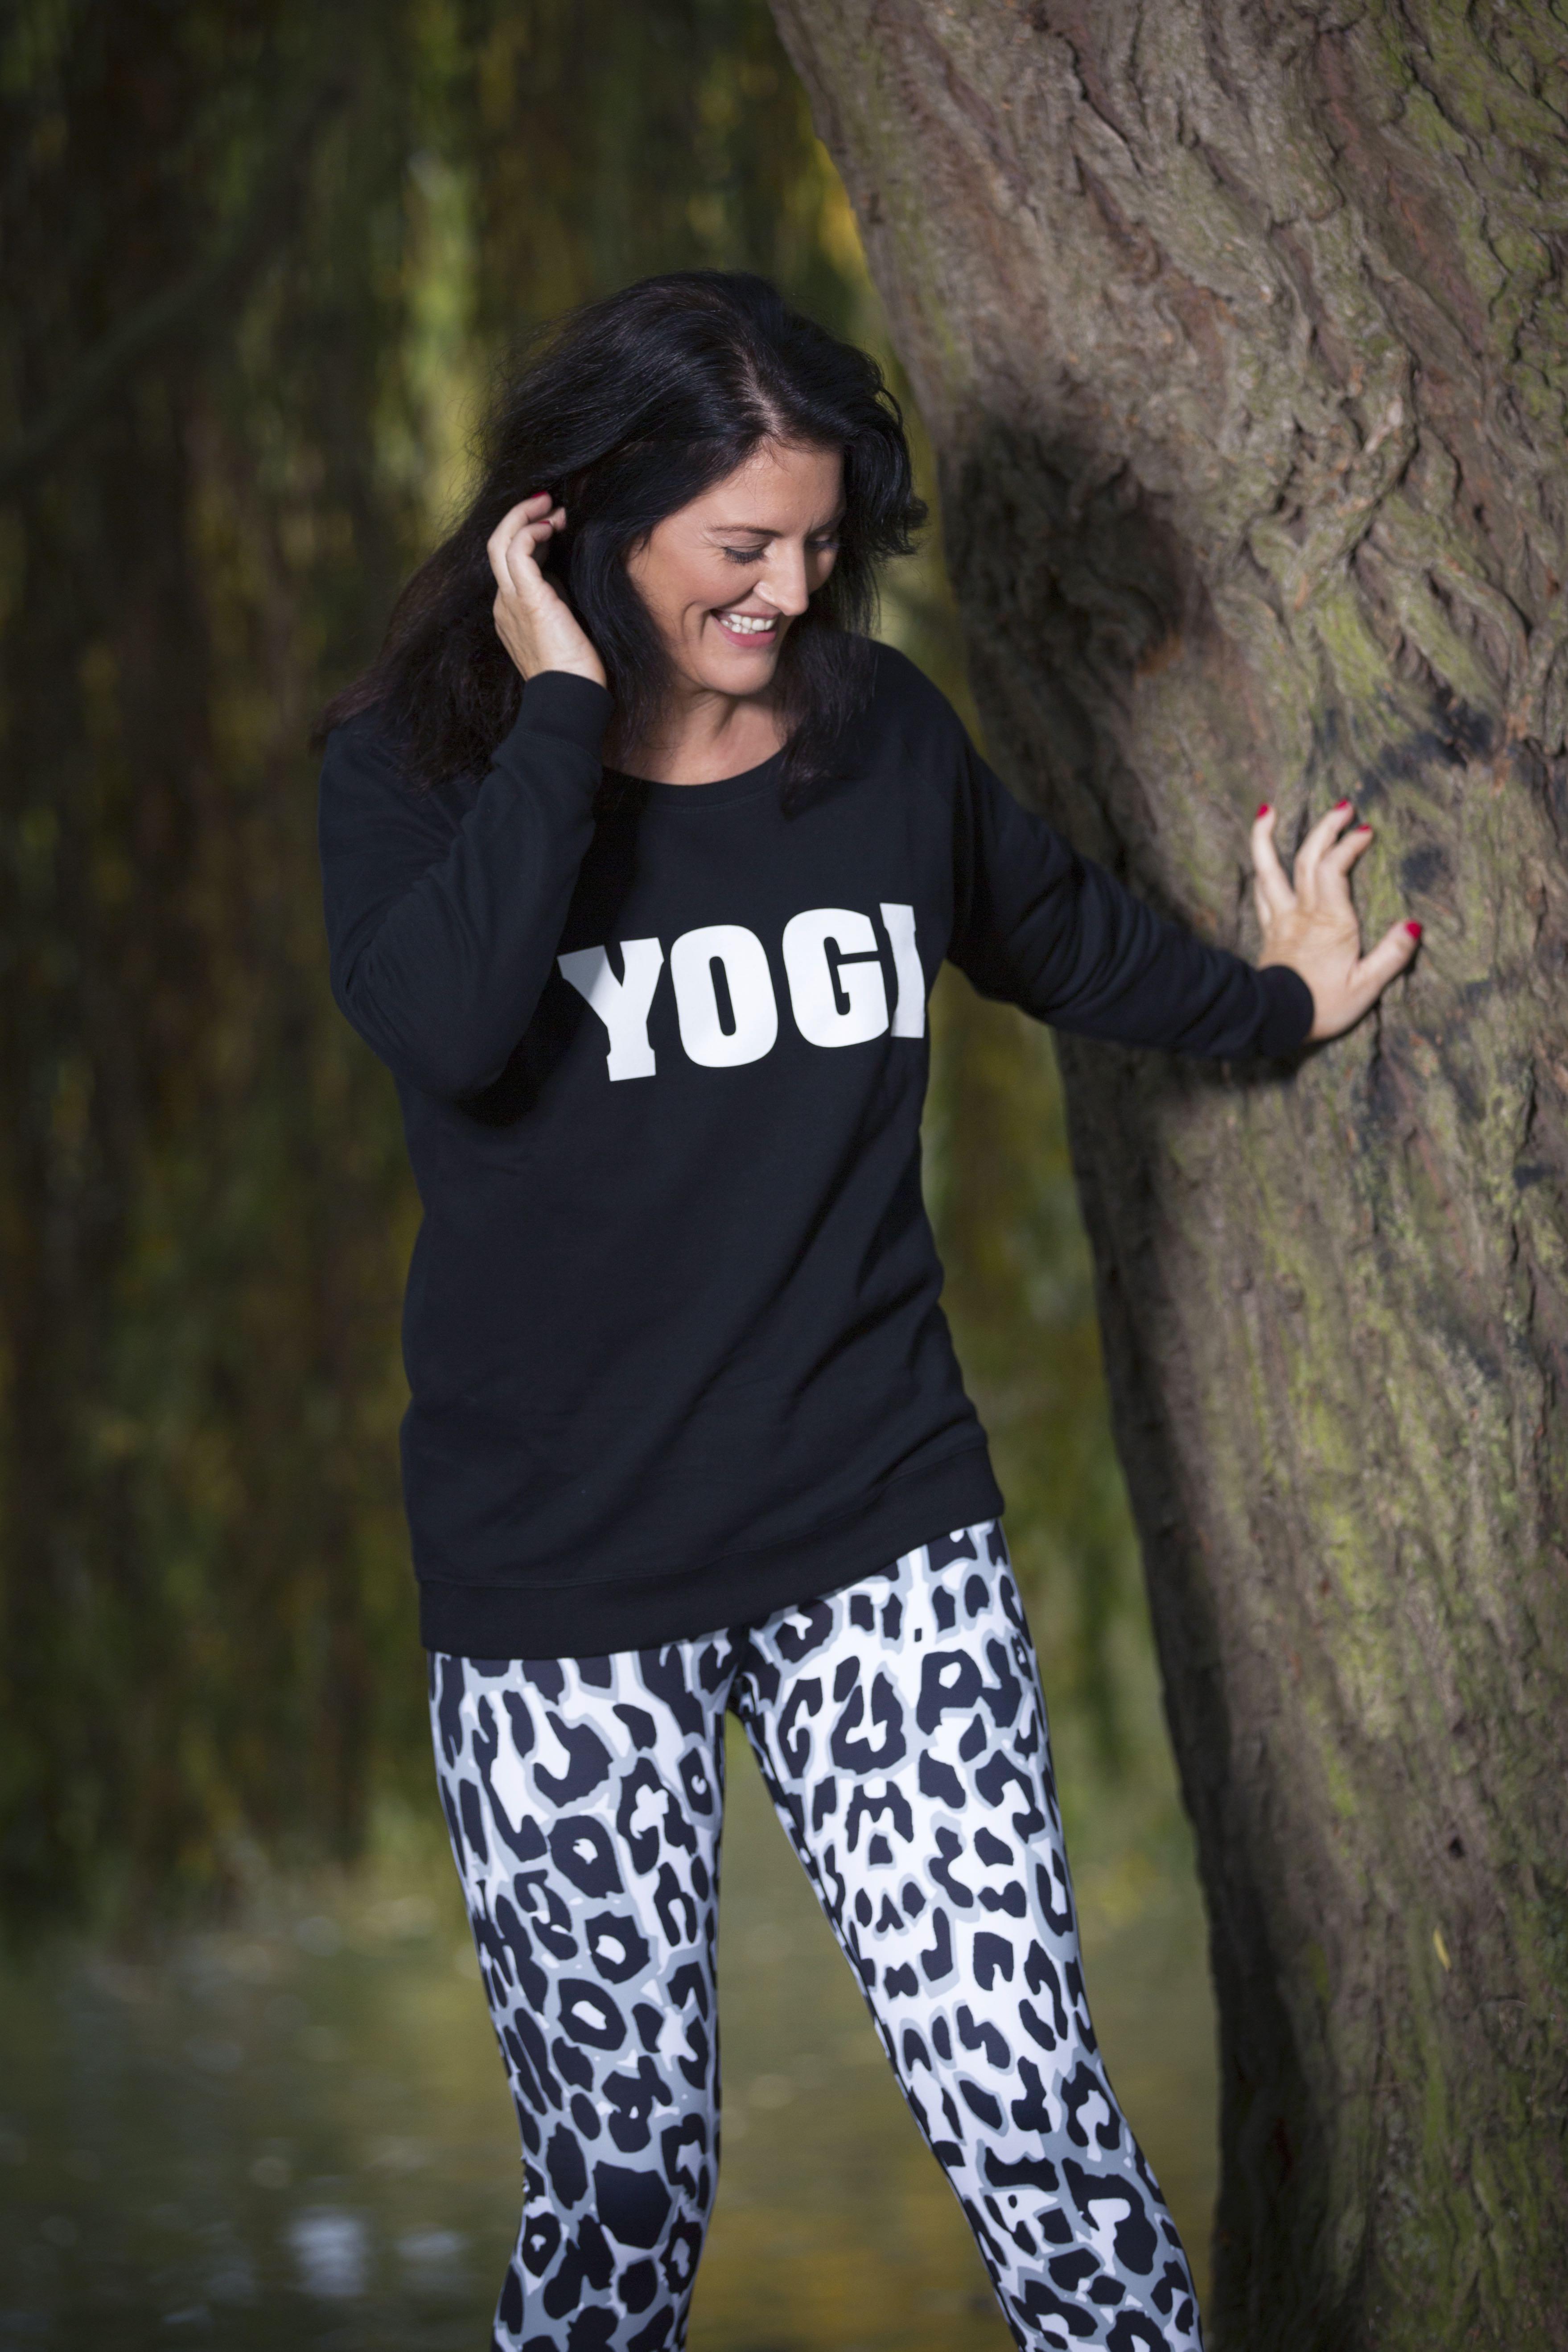 Web-London-Female-Model-Yoga-Fitness-Model-Kat-06-PG.jpg#asset:46908